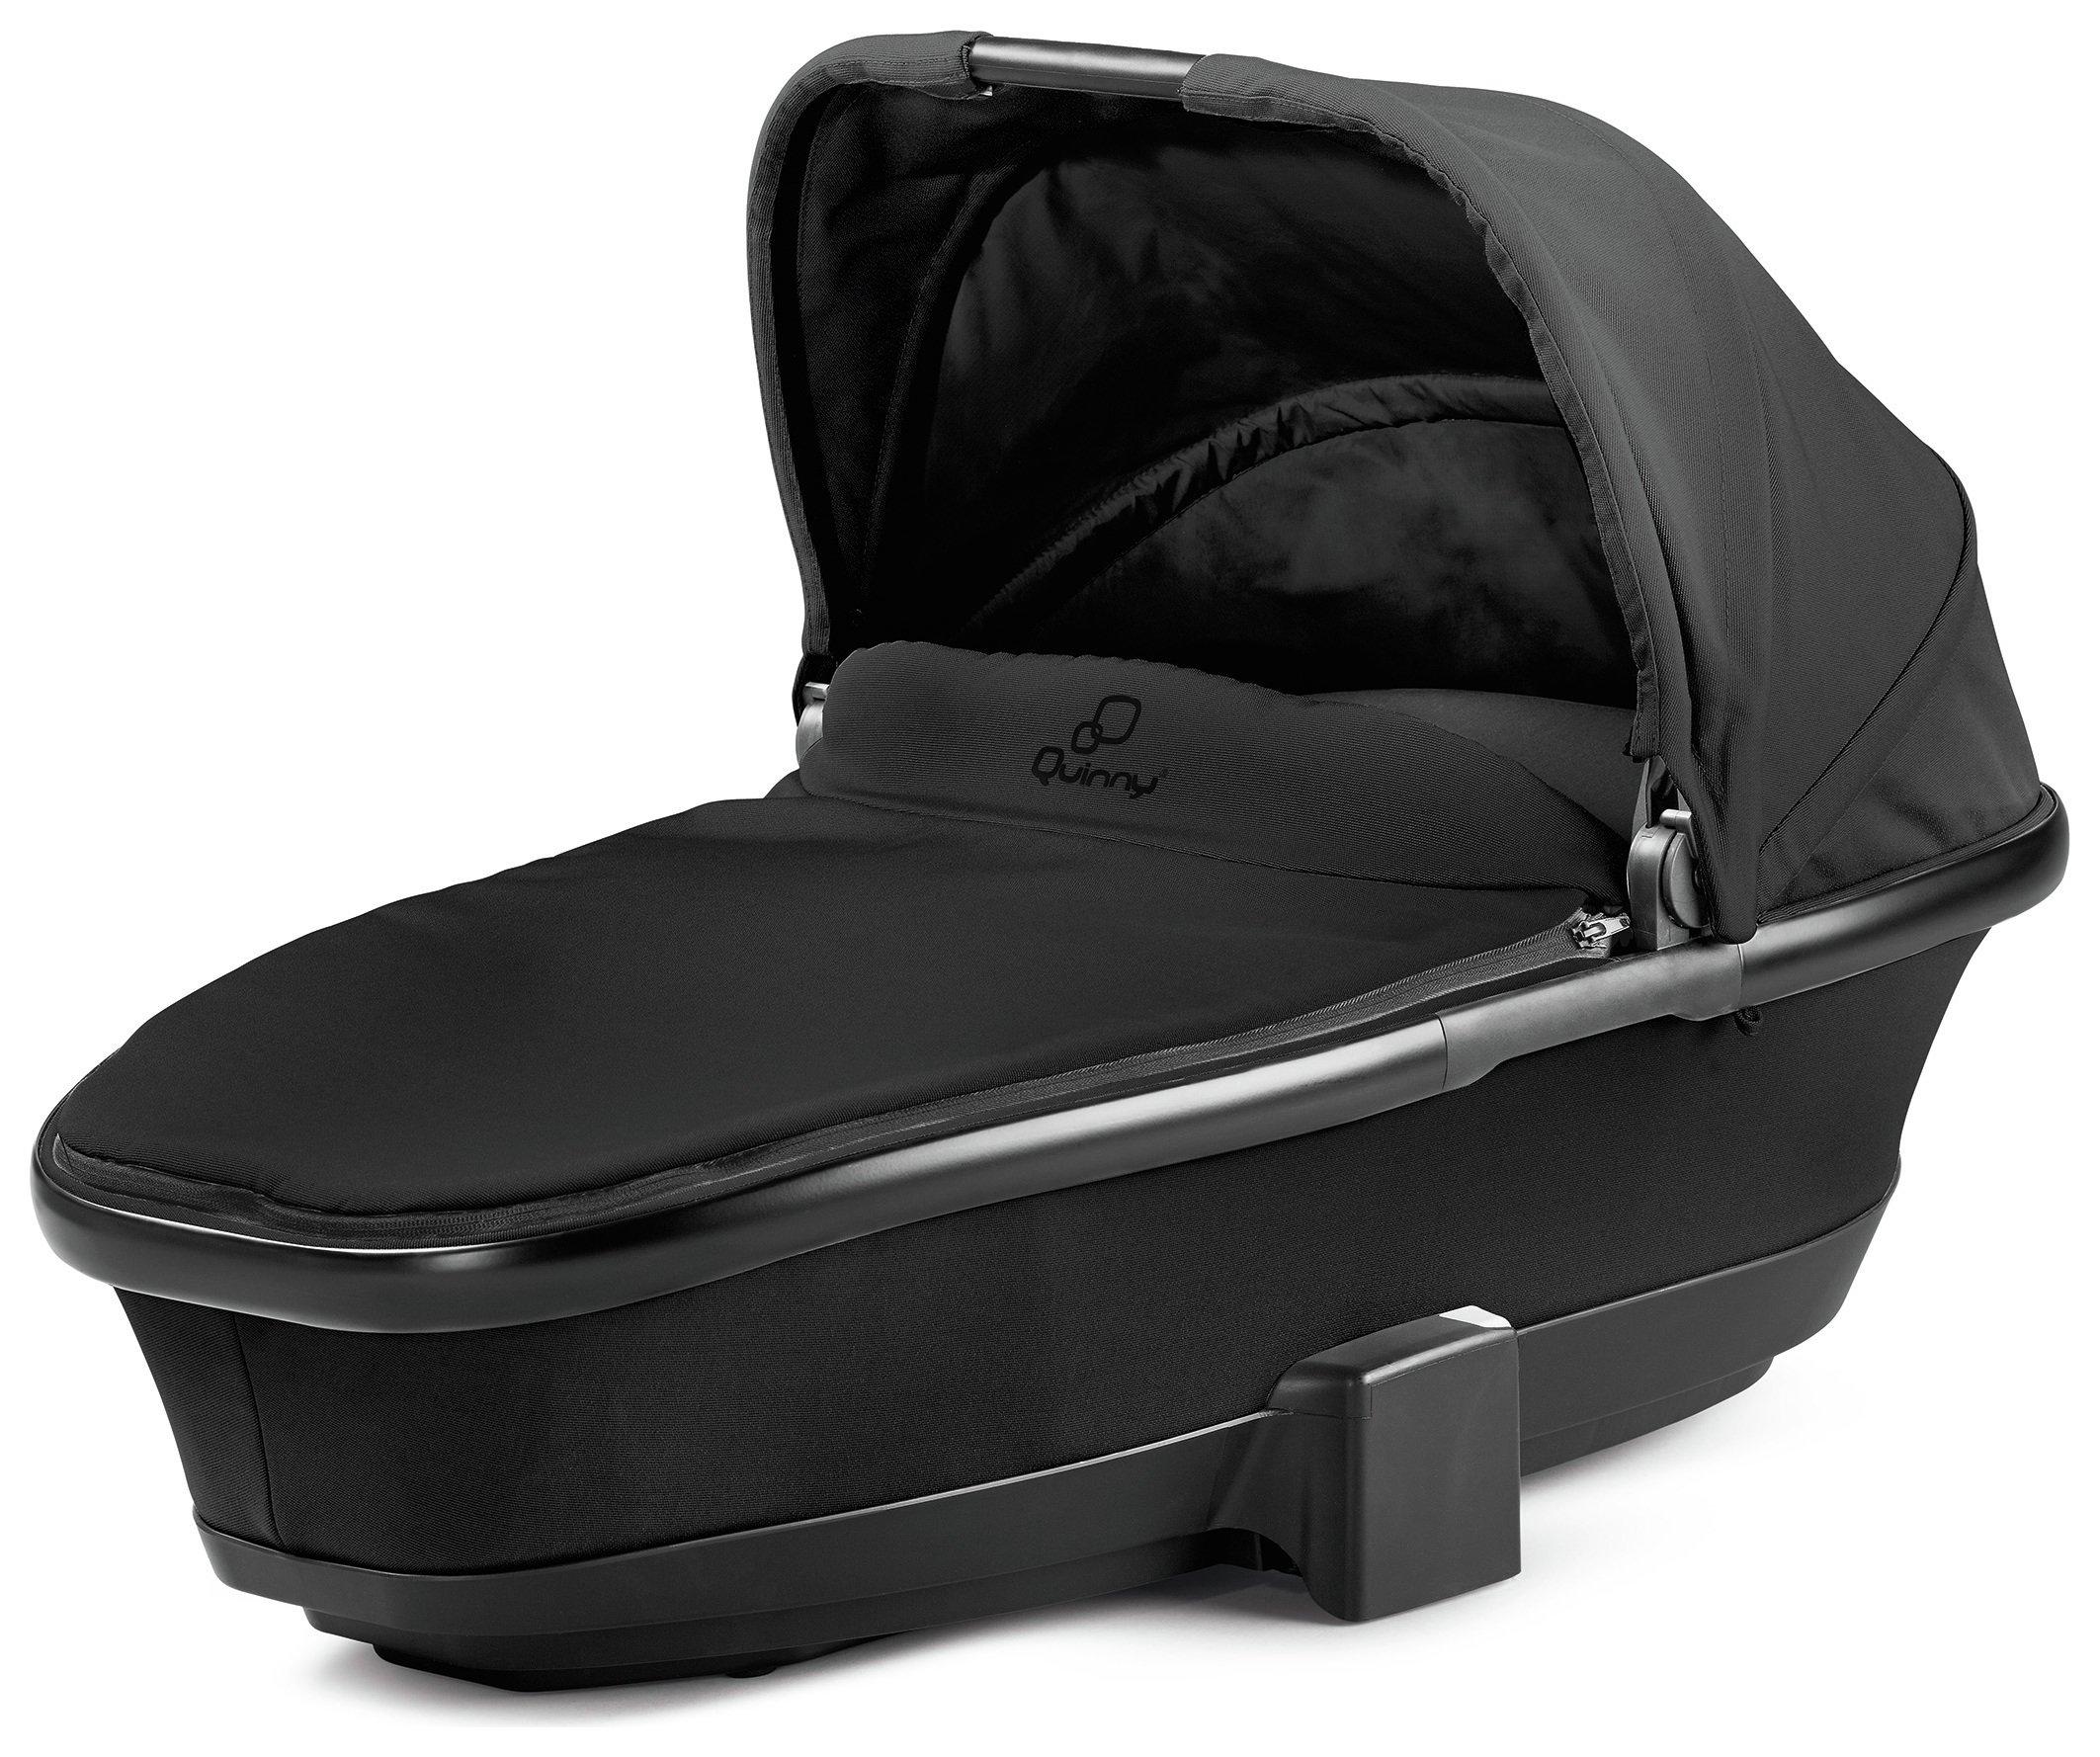 Quinny Foldable Carrycot - Black Devotion